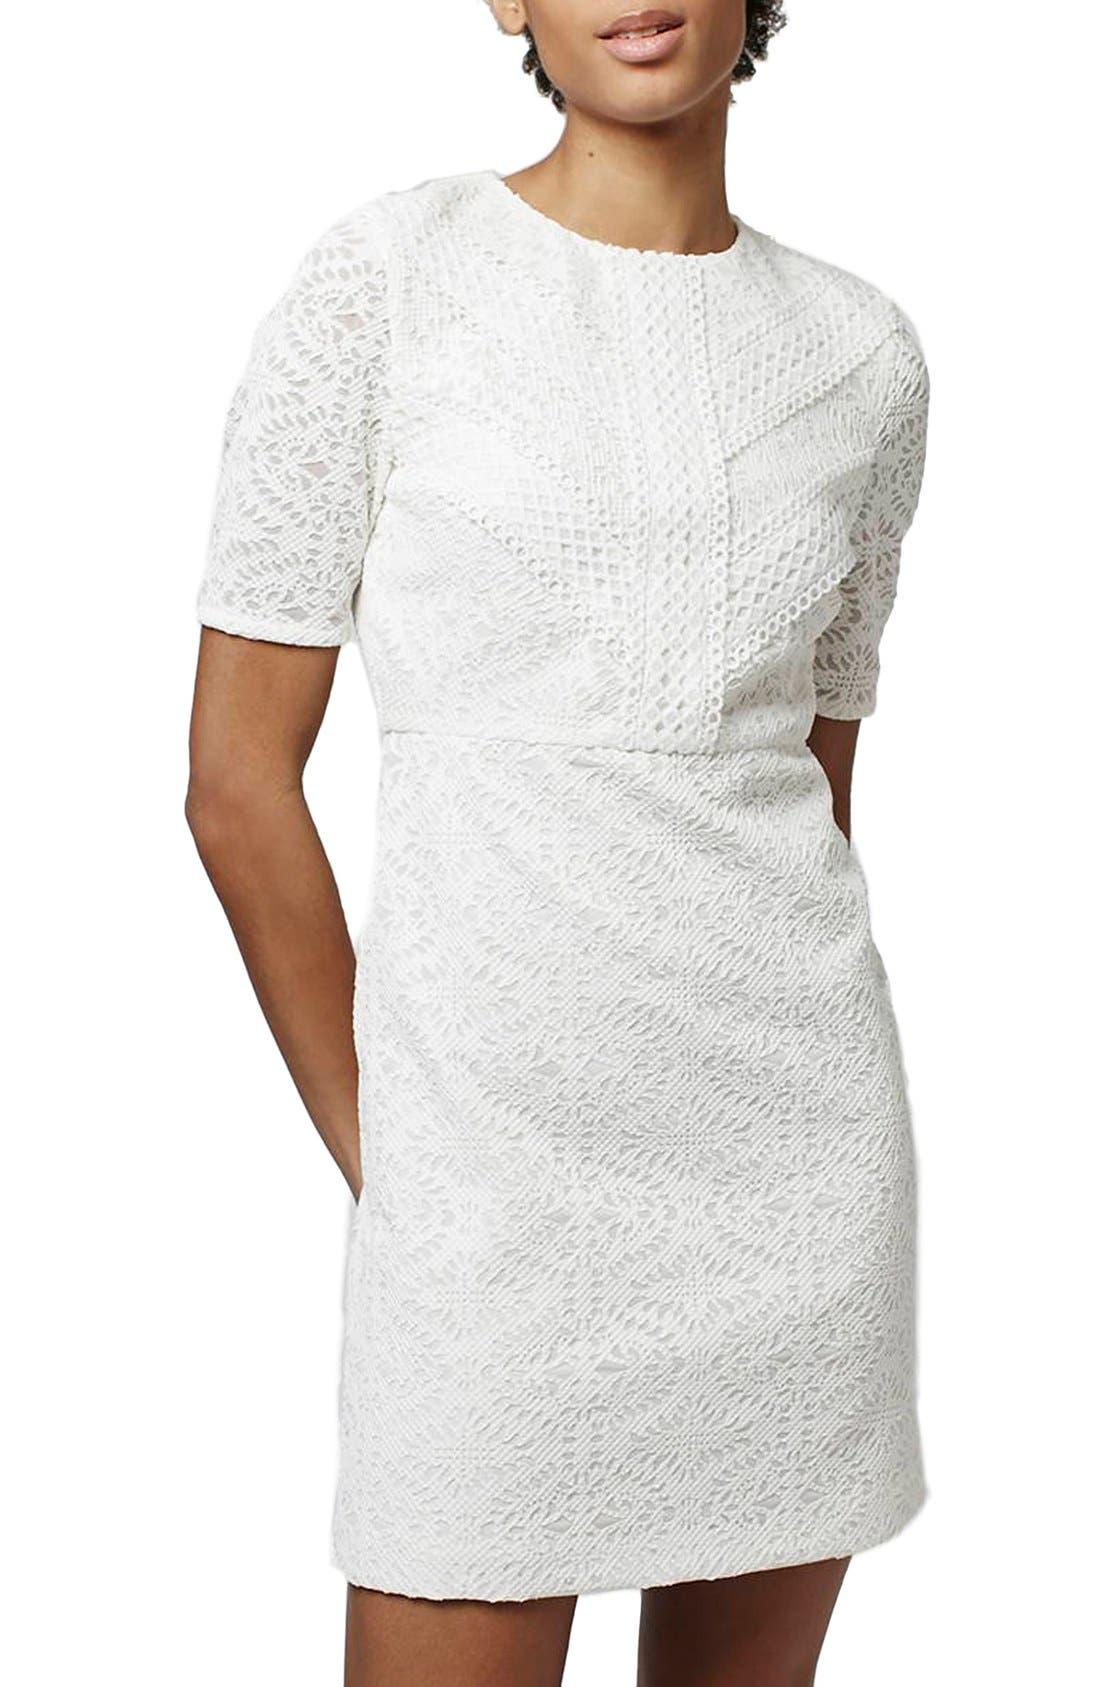 TOPSHOP,                             Laser Cut Lace Shift Dress,                             Main thumbnail 1, color,                             900